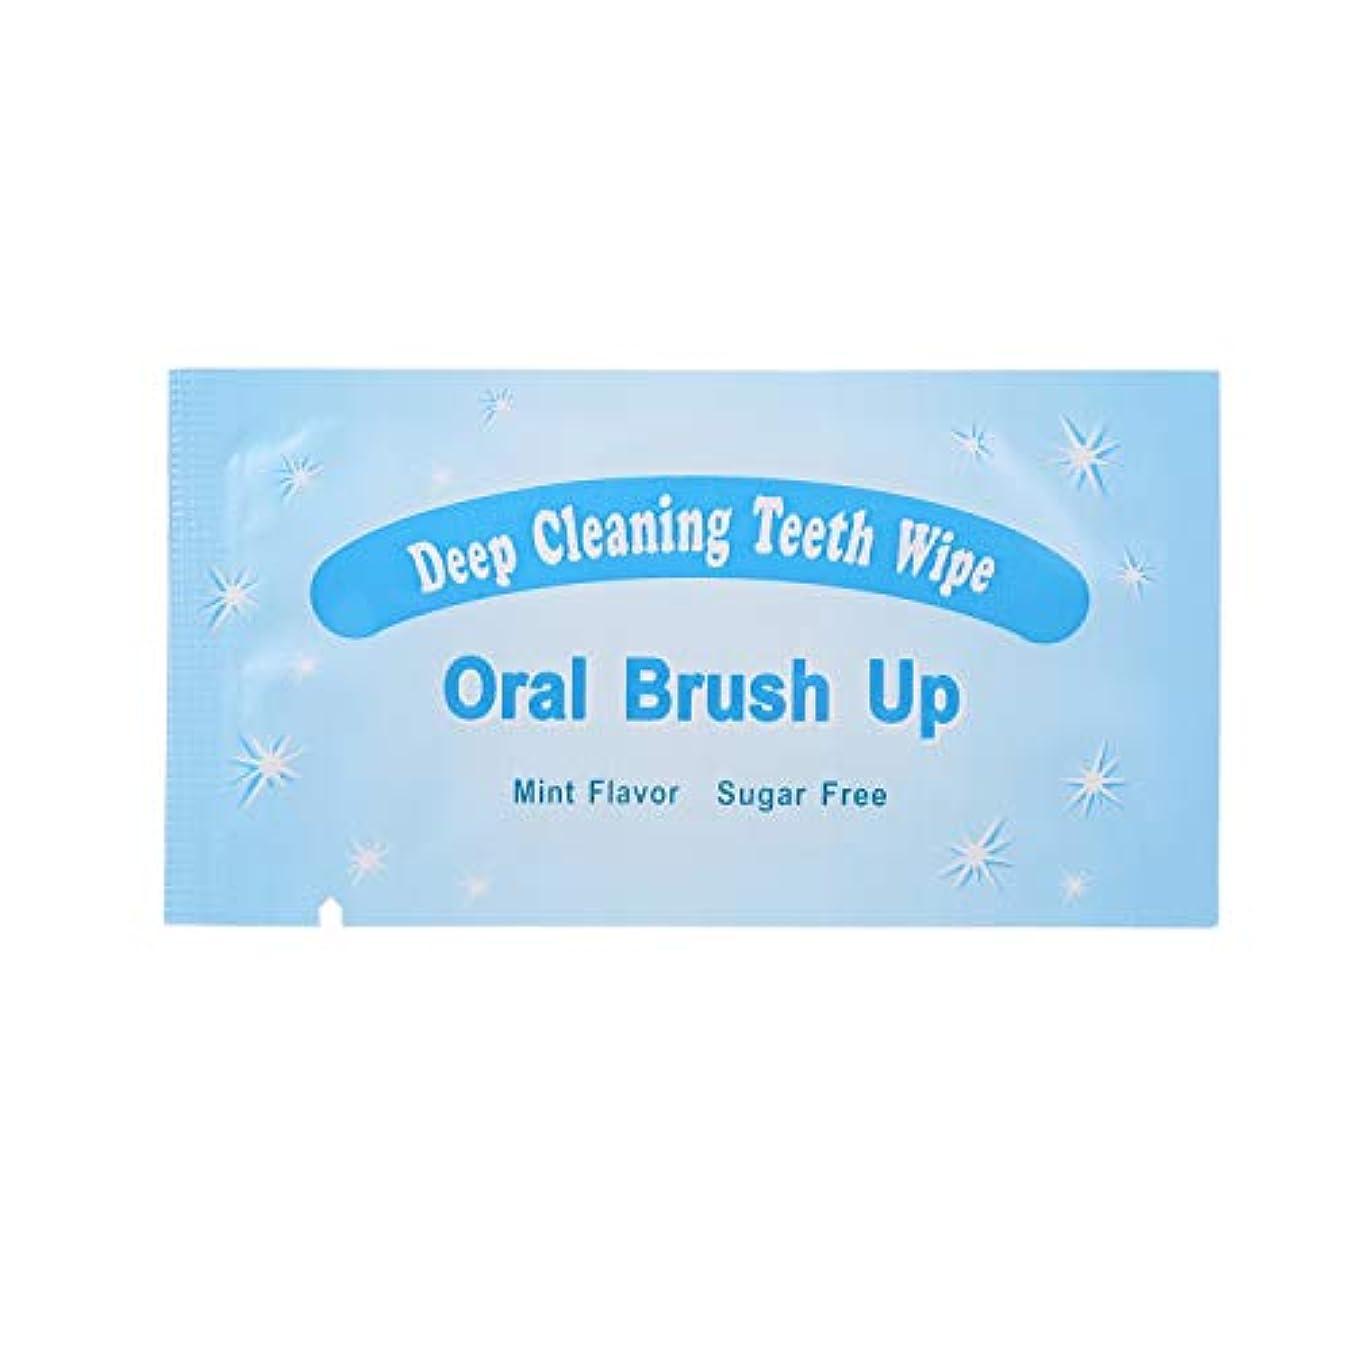 気難しい空港チロDecdeal 50ピース 歯ワイプ 口腔ブラシ アップ使い捨て歯科ディープクレンジング指歯ワイプ新鮮な息ミント風味歯ホワイトニングストリップオーラルケア